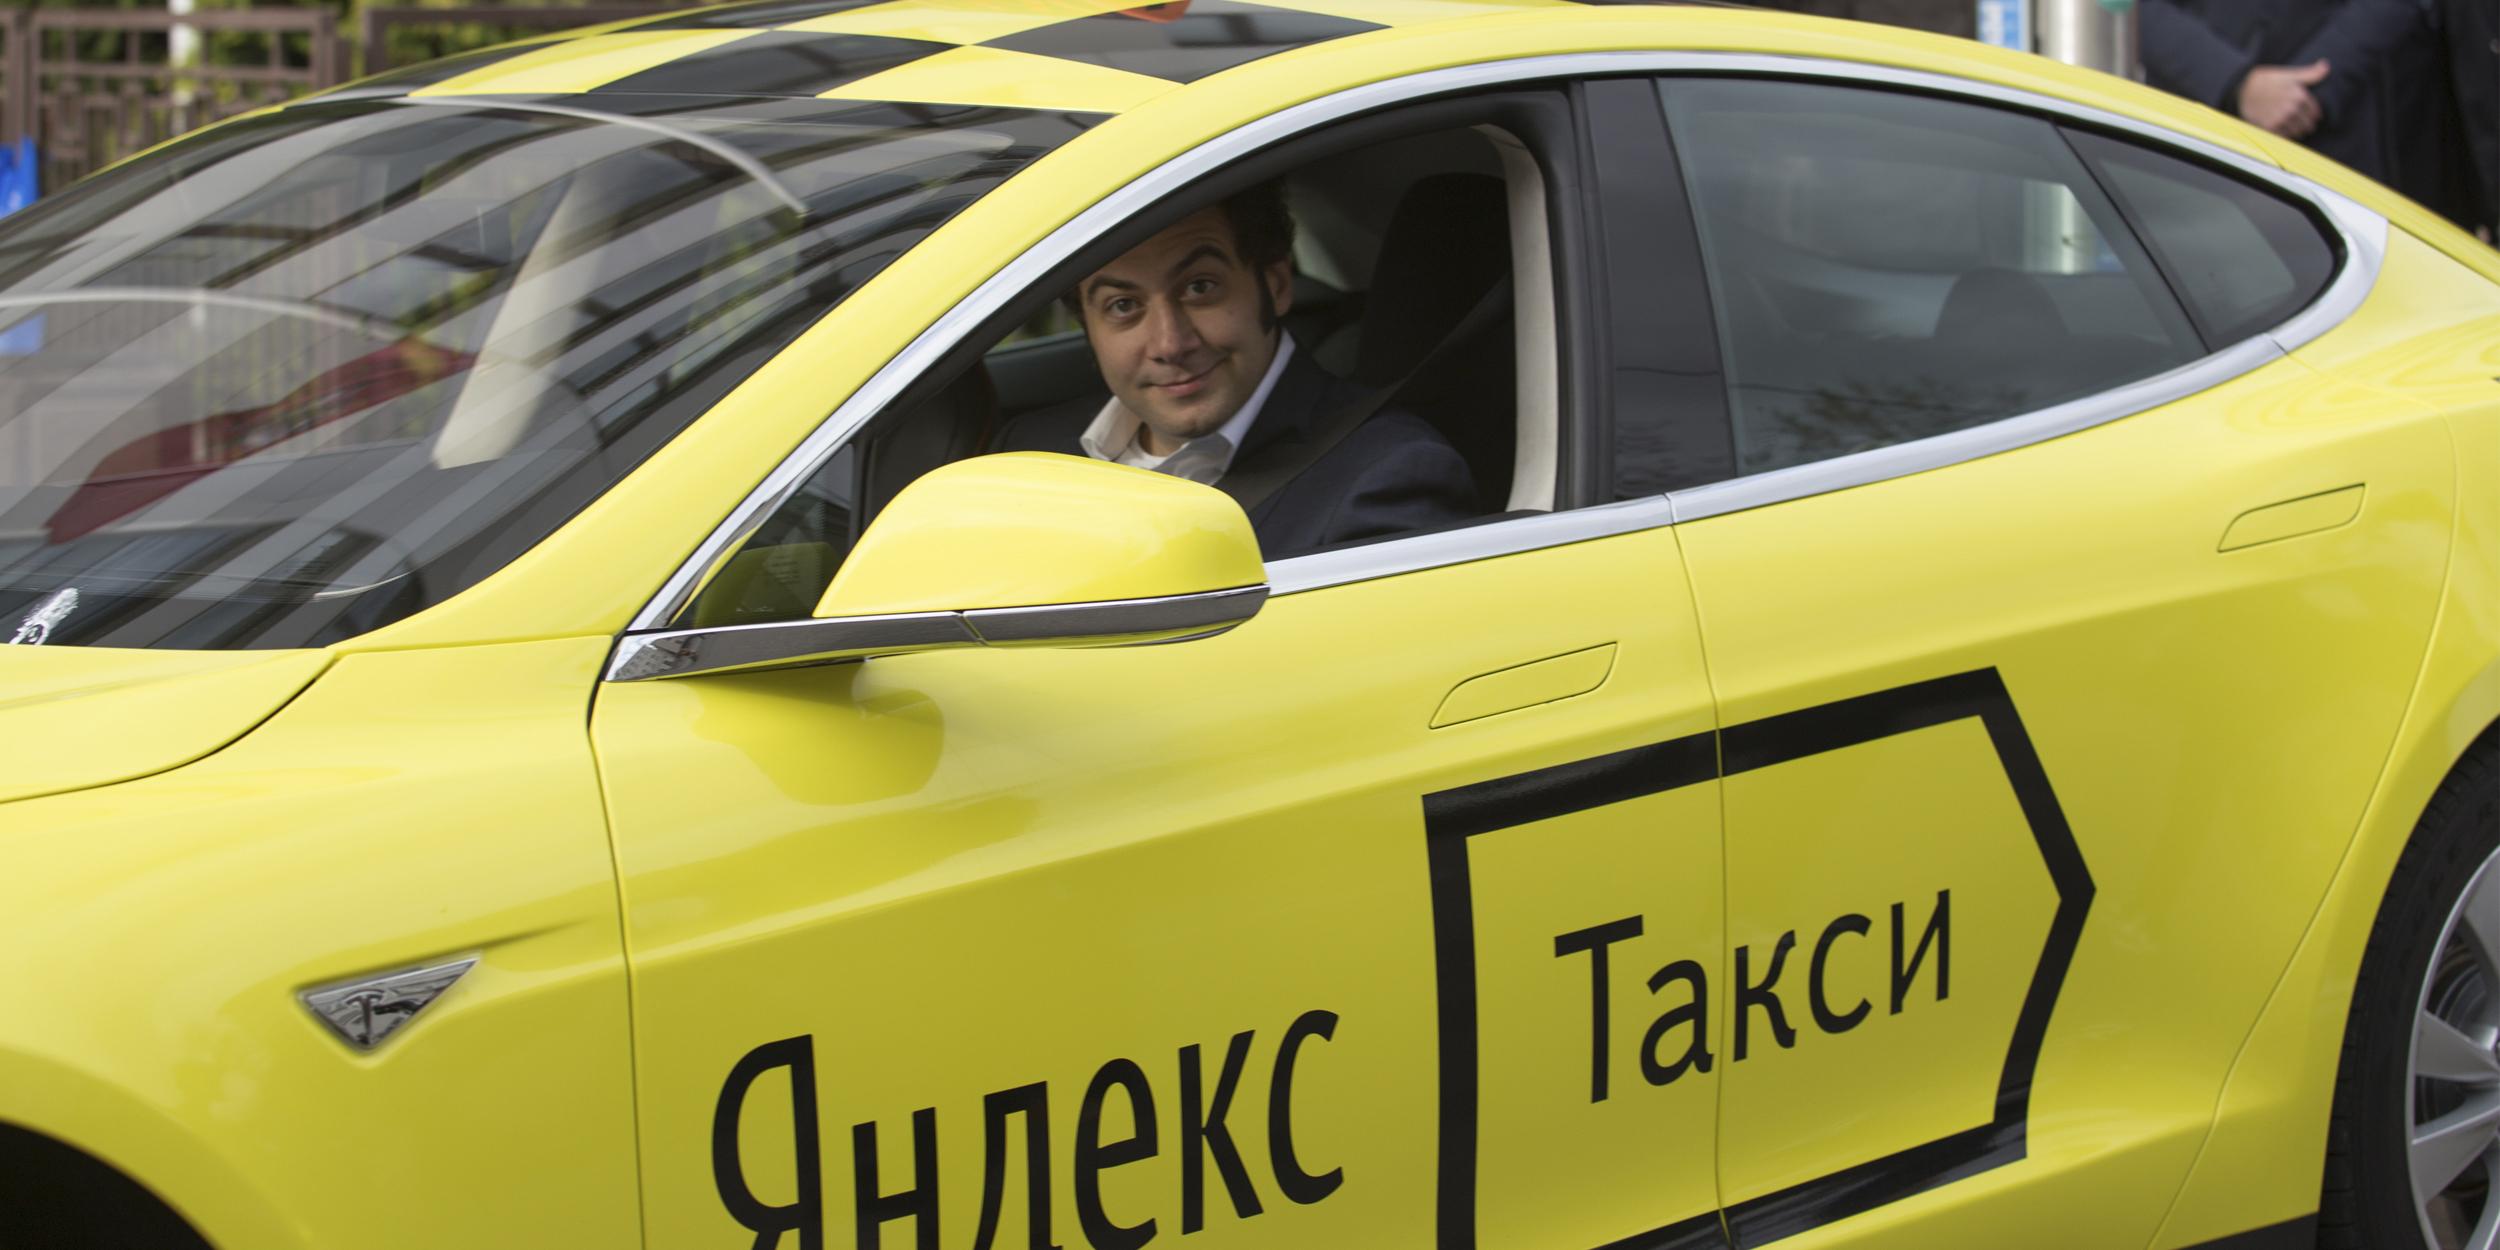 «Ядекс. Такси» в Грузии: за и против